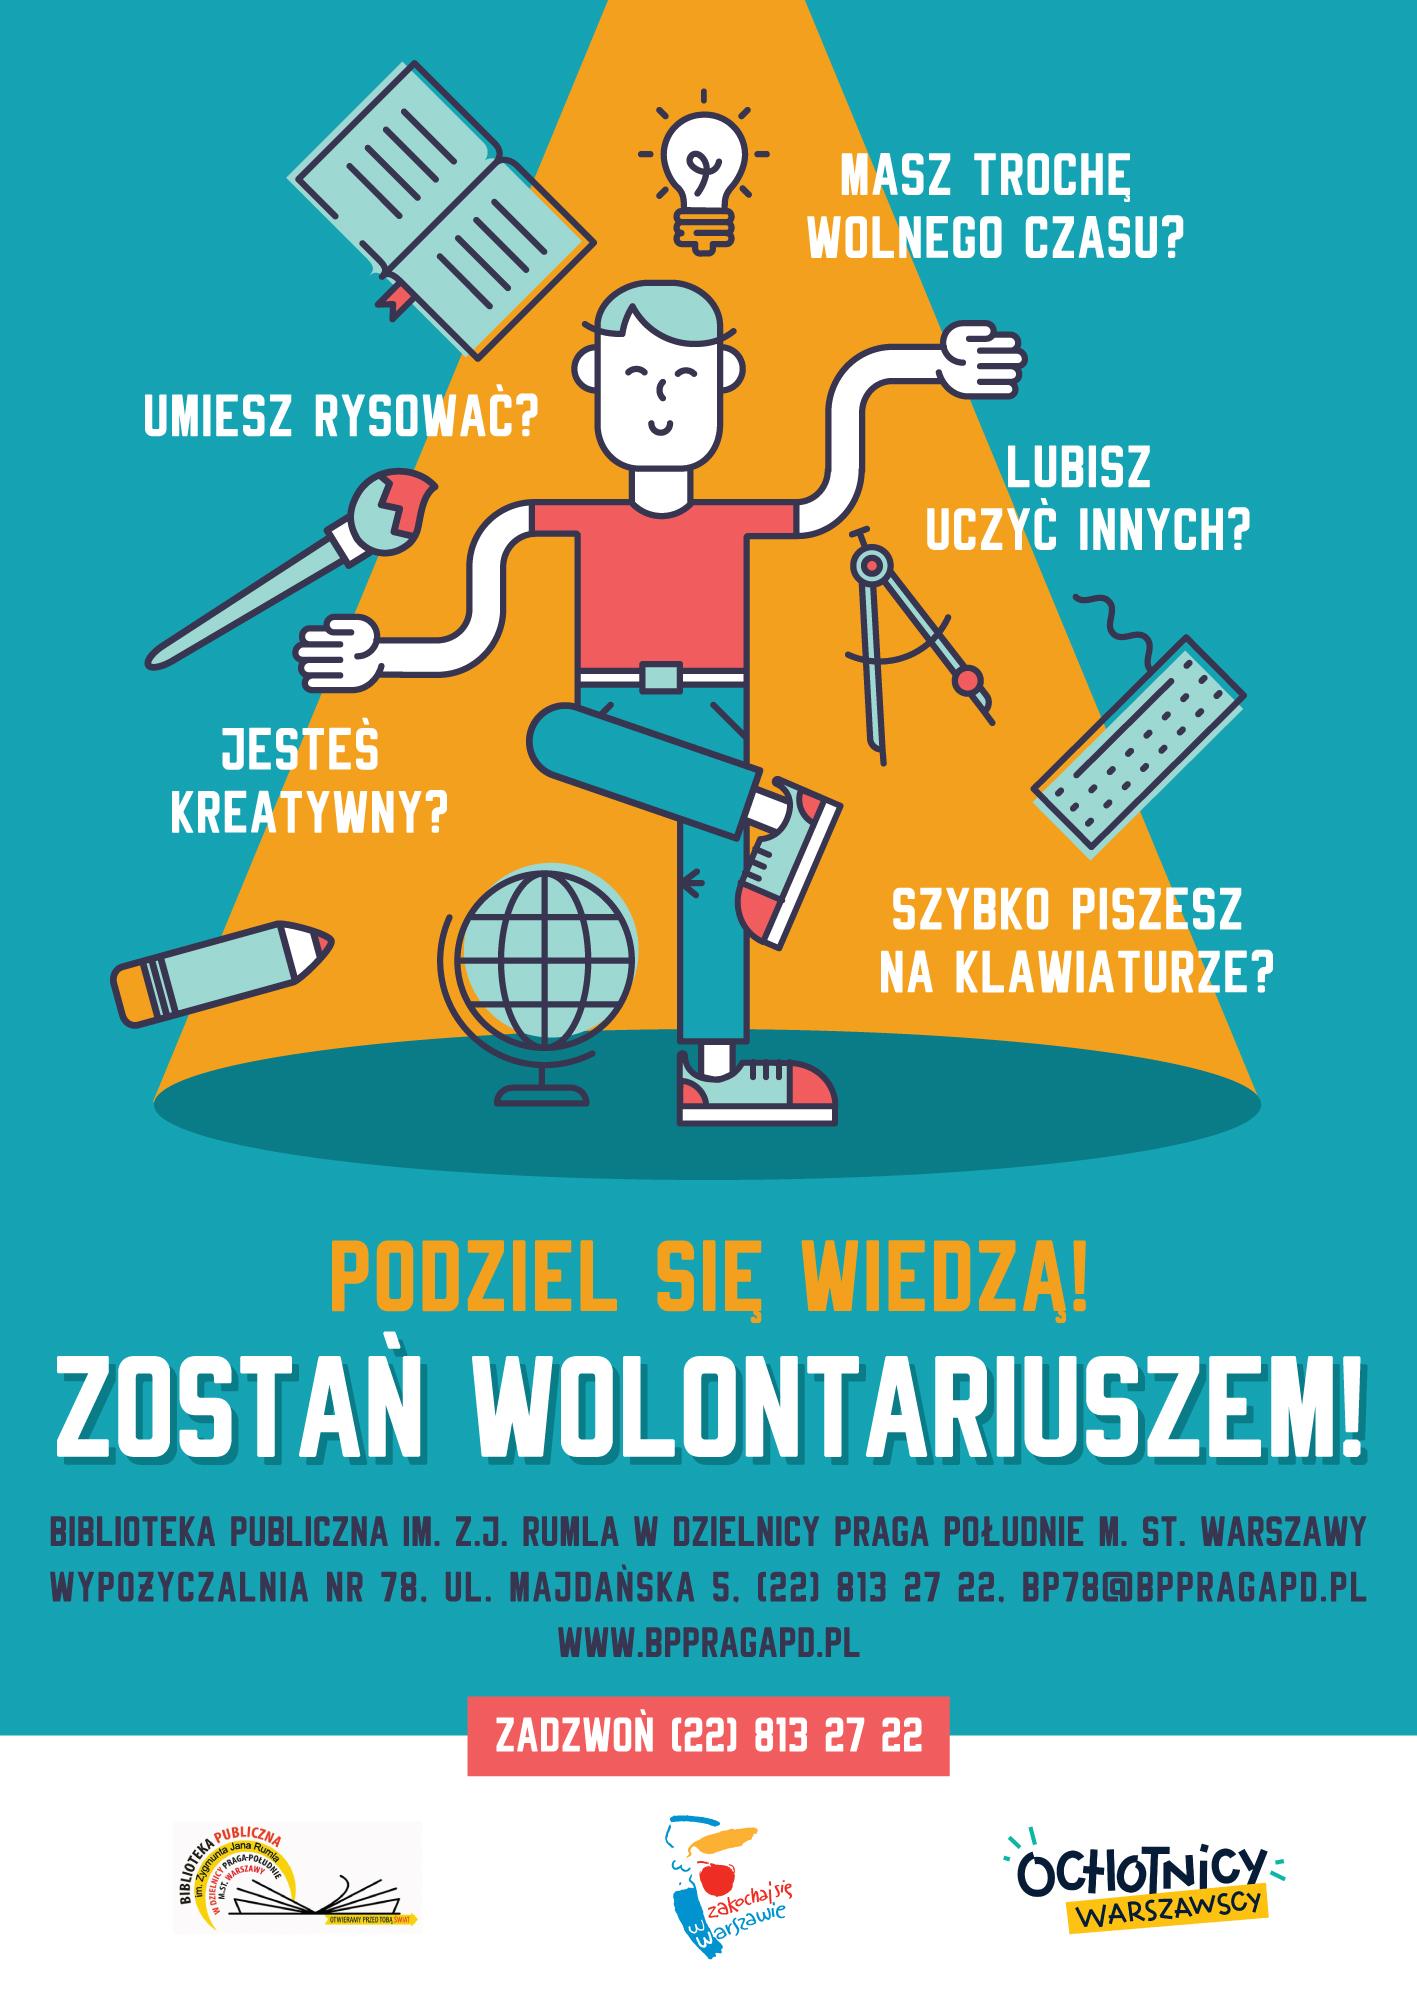 Poszukiwany wolontariusz do prowadzenia zajęć w języku obcym